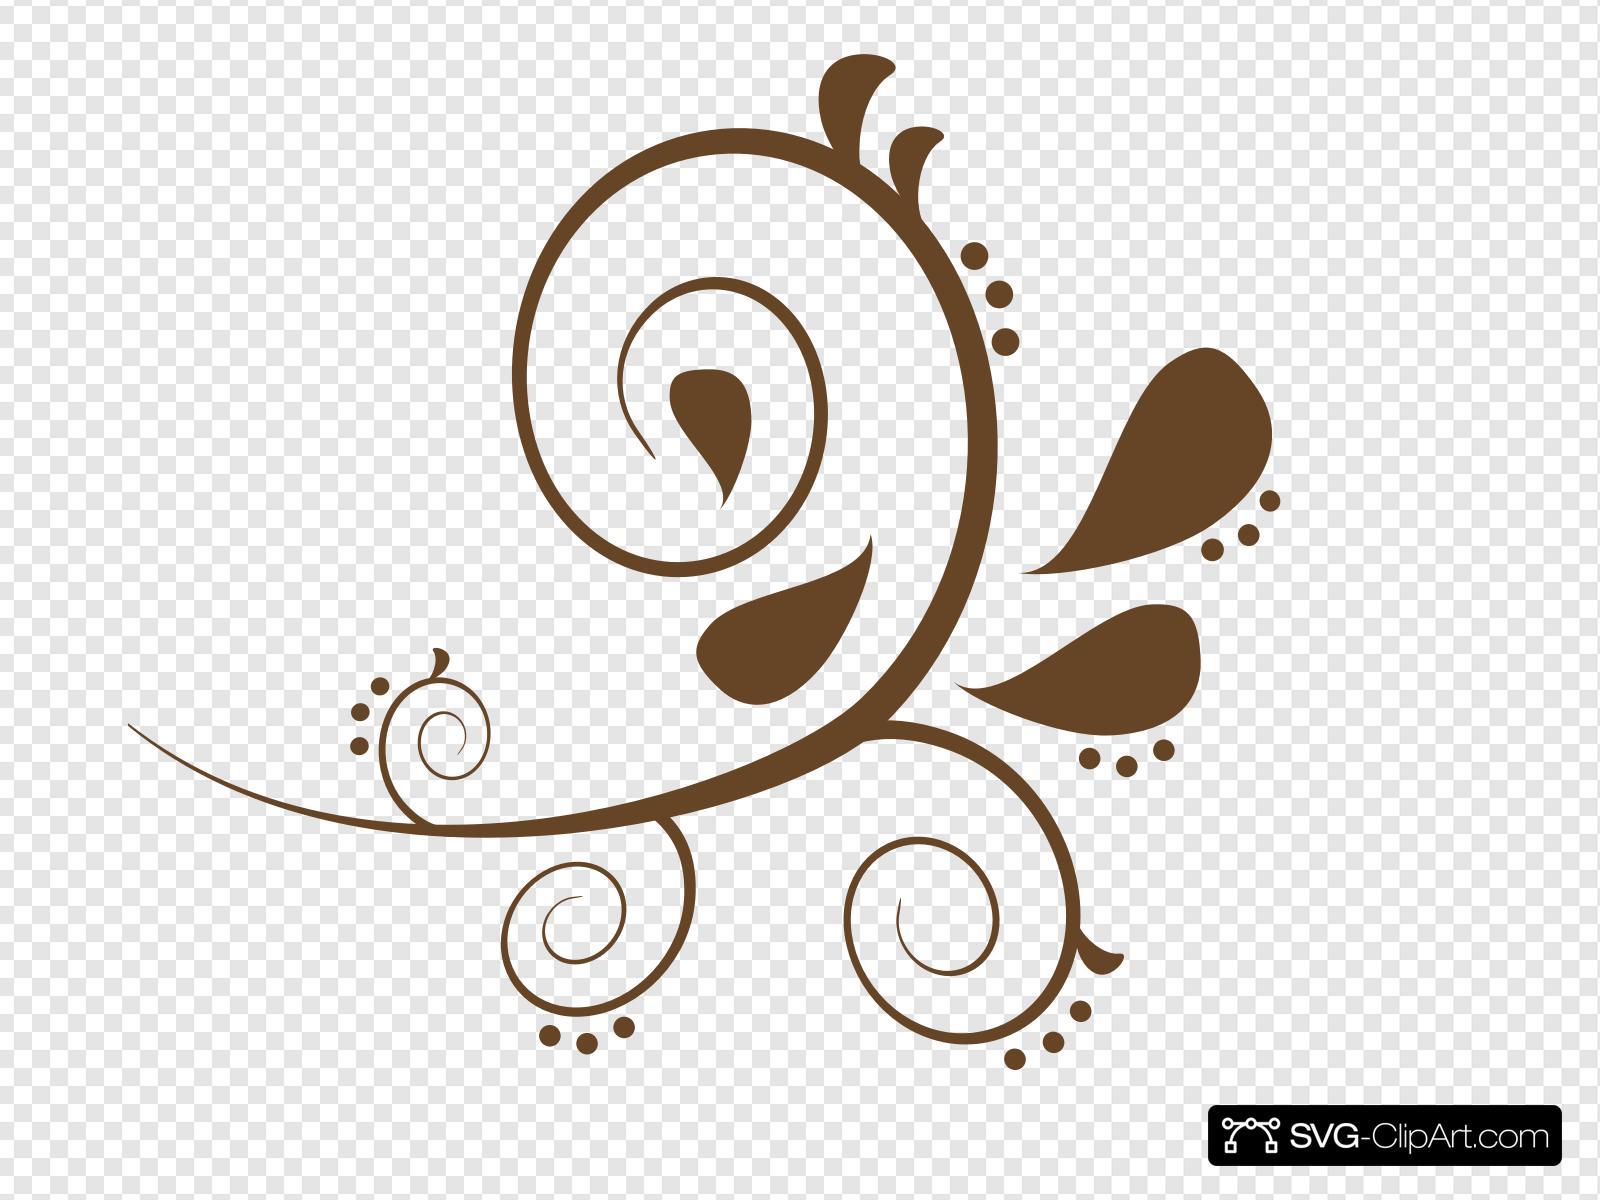 Swash clipart clipart transparent Brown Paisley Swash Clip art, Icon and SVG - SVG Clipart clipart transparent